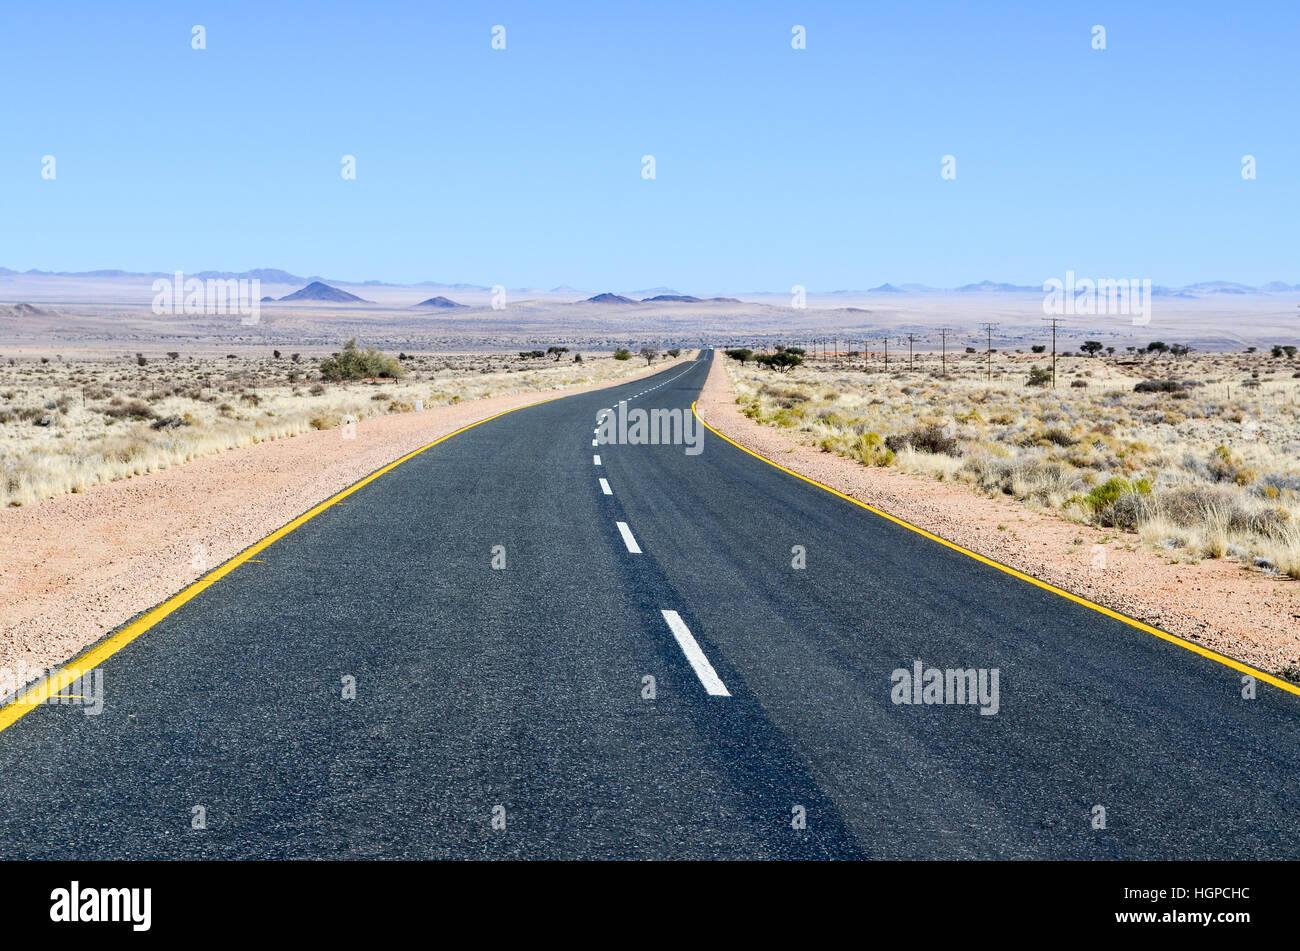 Desert road near Aus, in the Namib Desert, Namibia, Africa - Stock Image